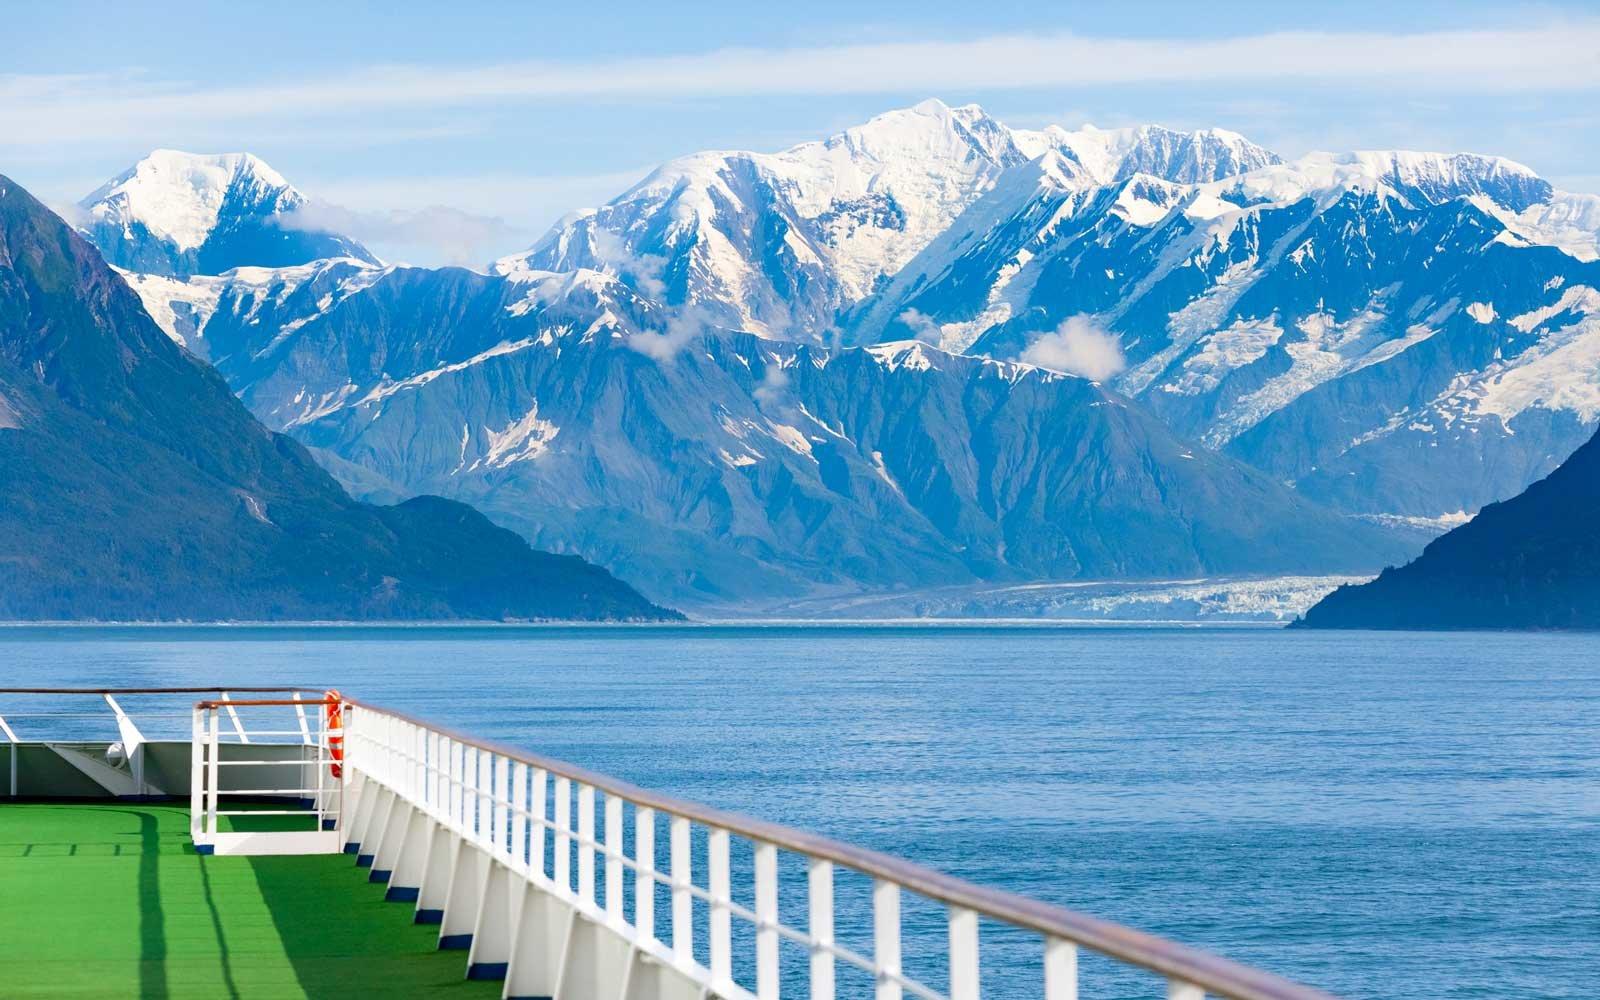 Hubbard-Glacier-Yukon-territory-Alaska-GOTOALASKA0218.jpg